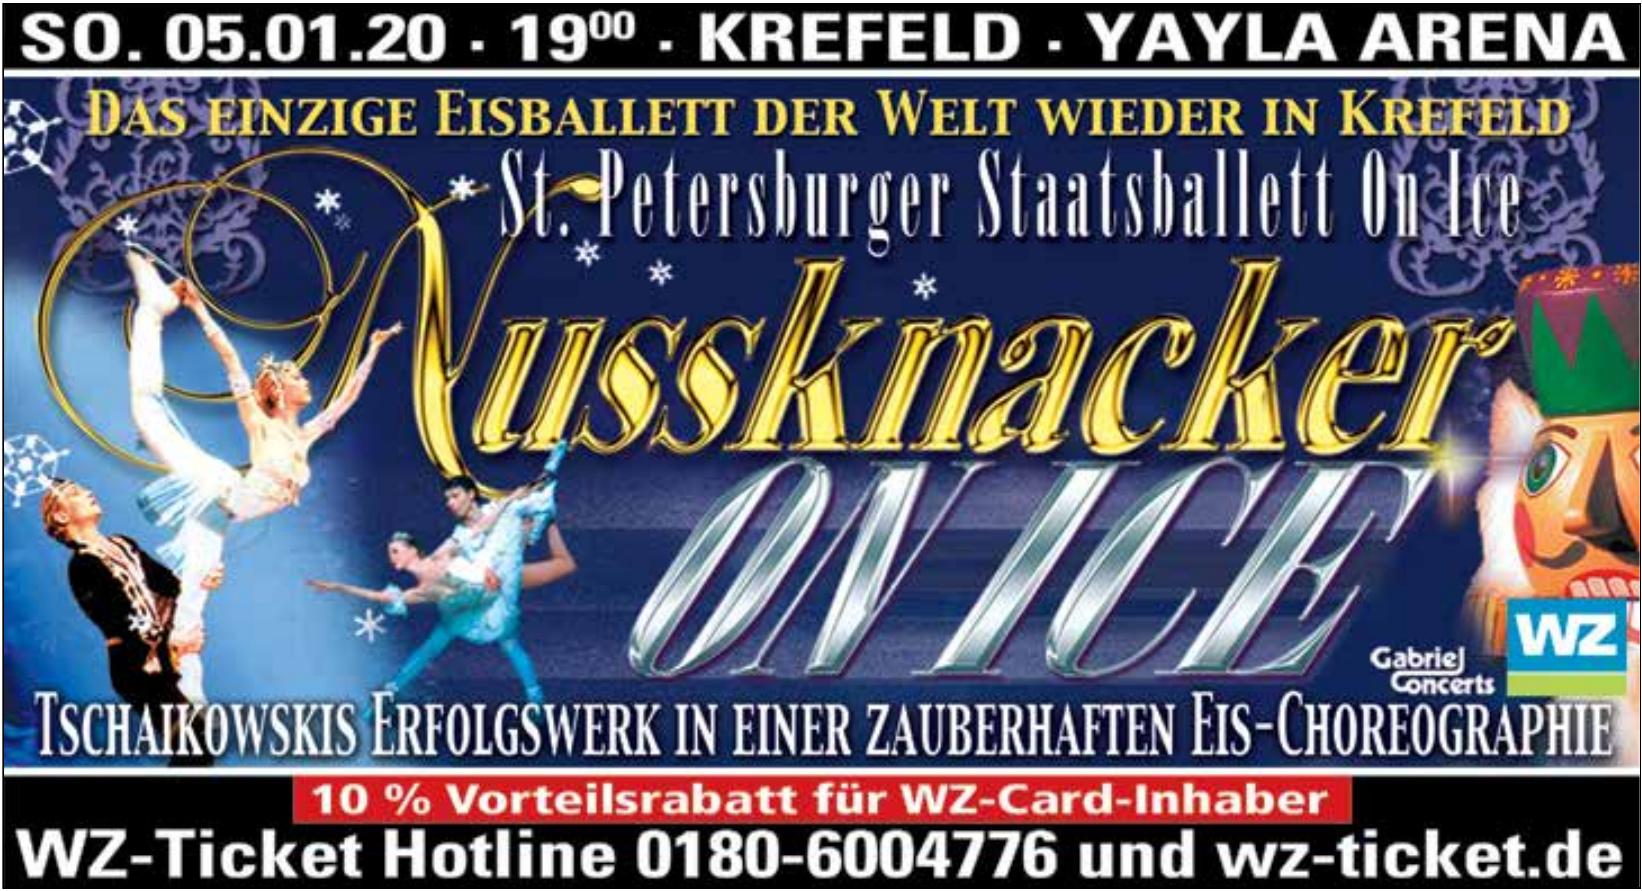 WZ Ticket